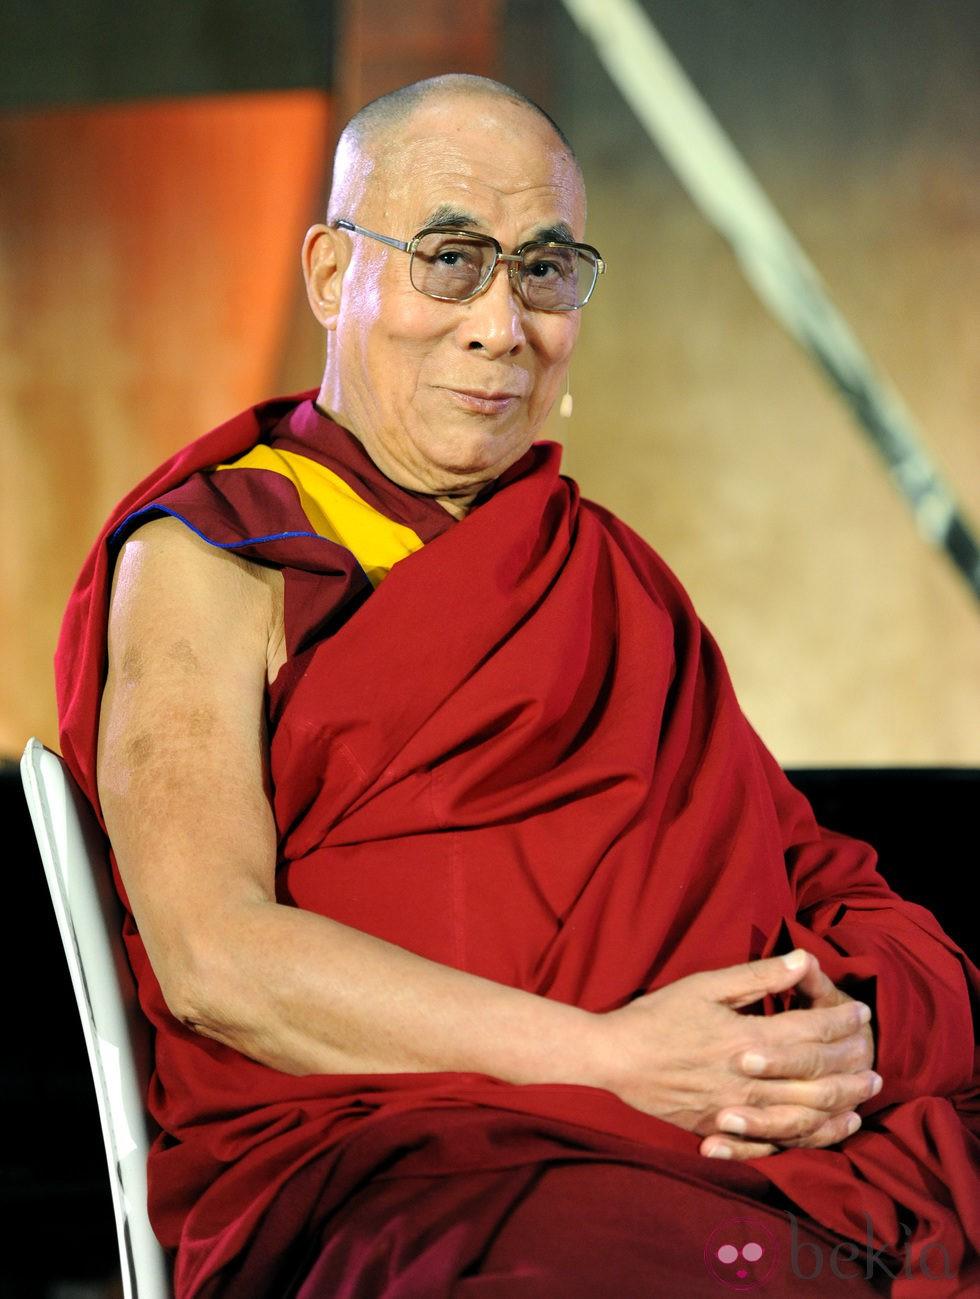 El Dalai Lama en el encuentro organizado por la Fundación Lourdes para que los famosos se encontraran con él